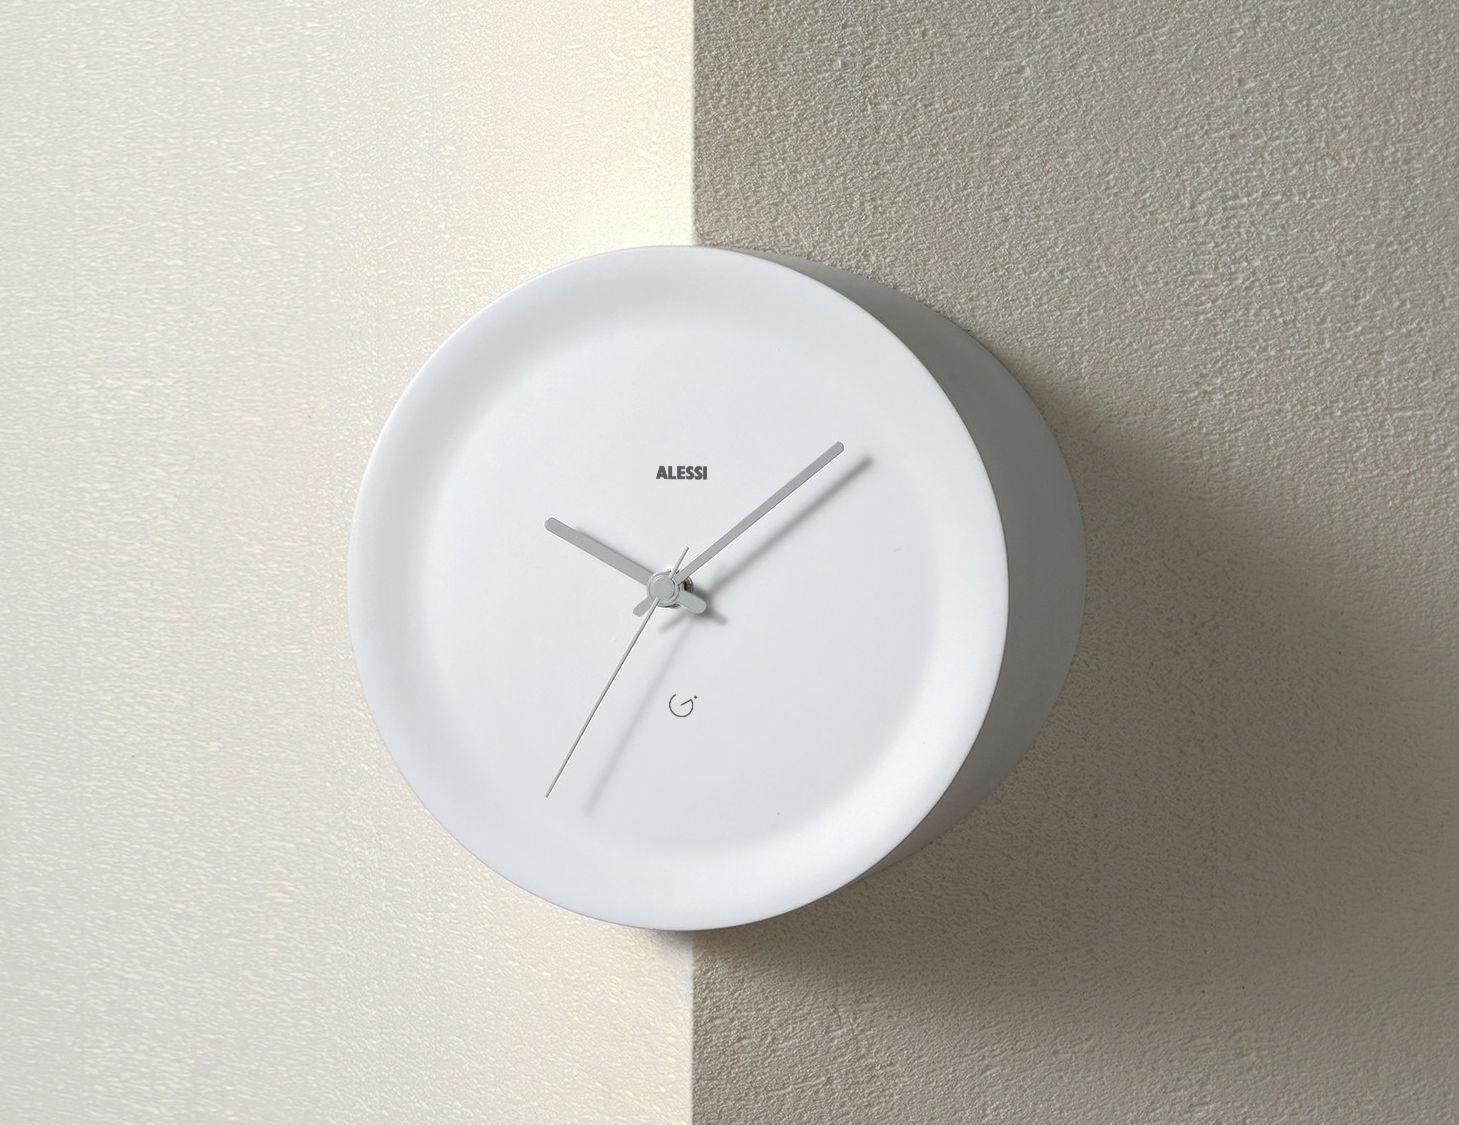 Déco - Horloges  - Horloge murale Ora Out sur arête murale / Ø 21 x H 15 cm - Alessi - Blanc / Aiguilles grises - Résine thermoplastique